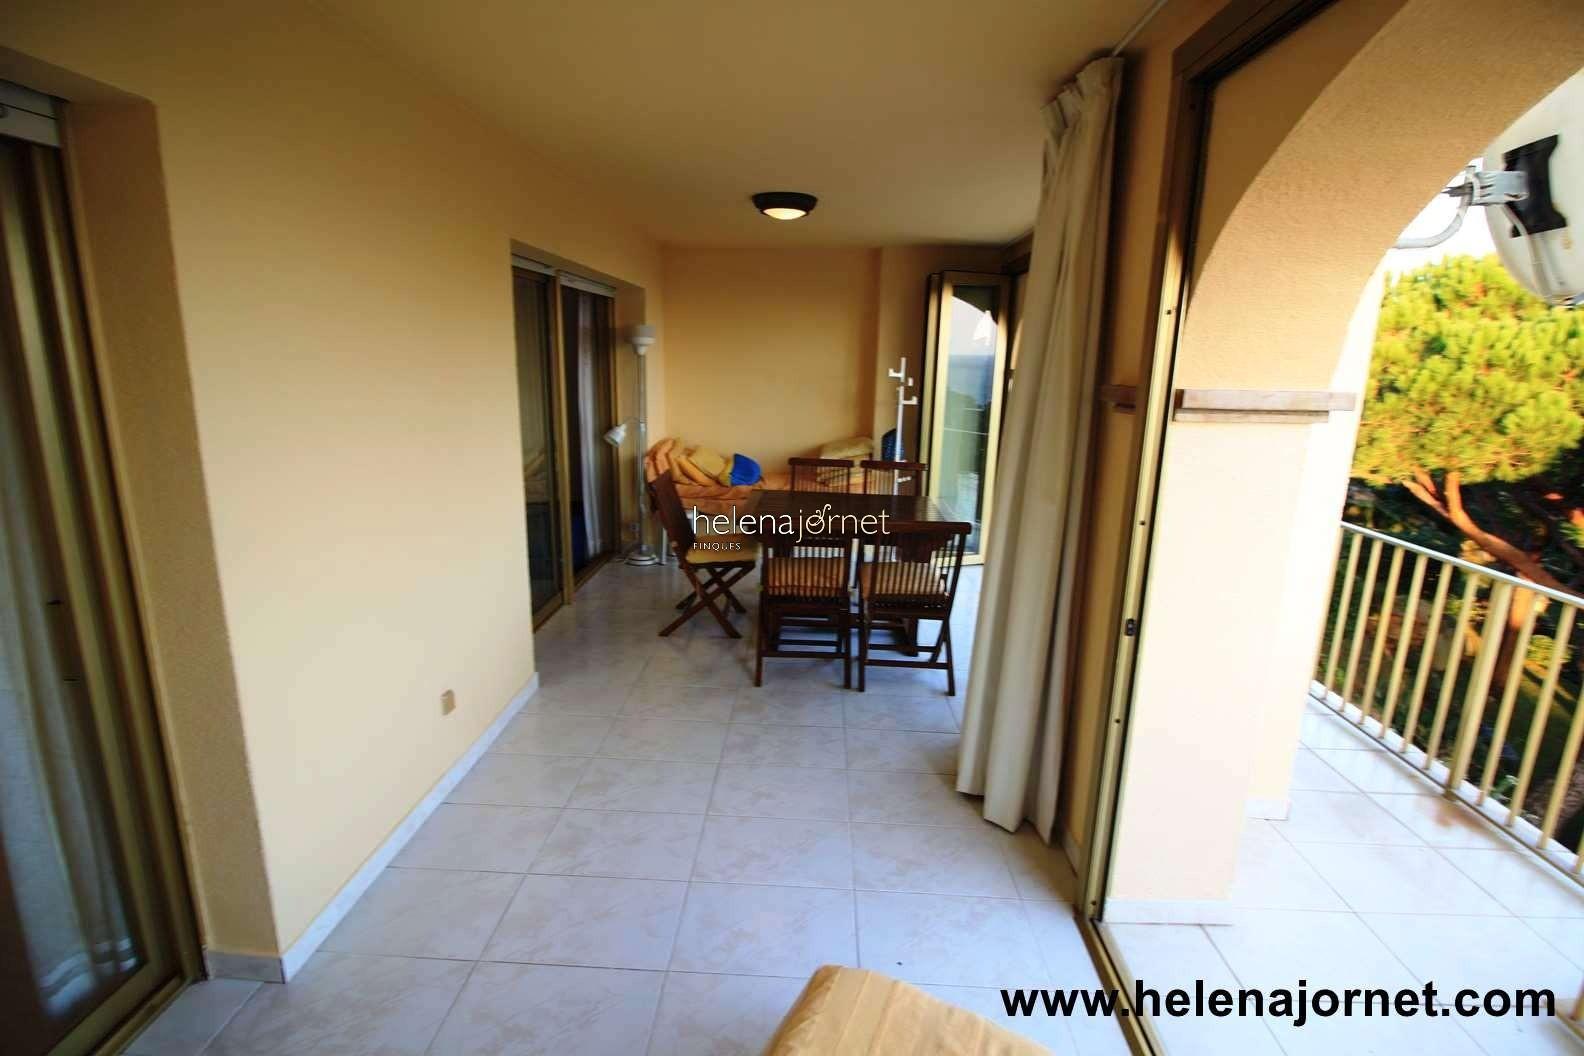 Apartamento con terraza, WIFI,  vistas mar y piscina comunitaria - 70051 Las Velas